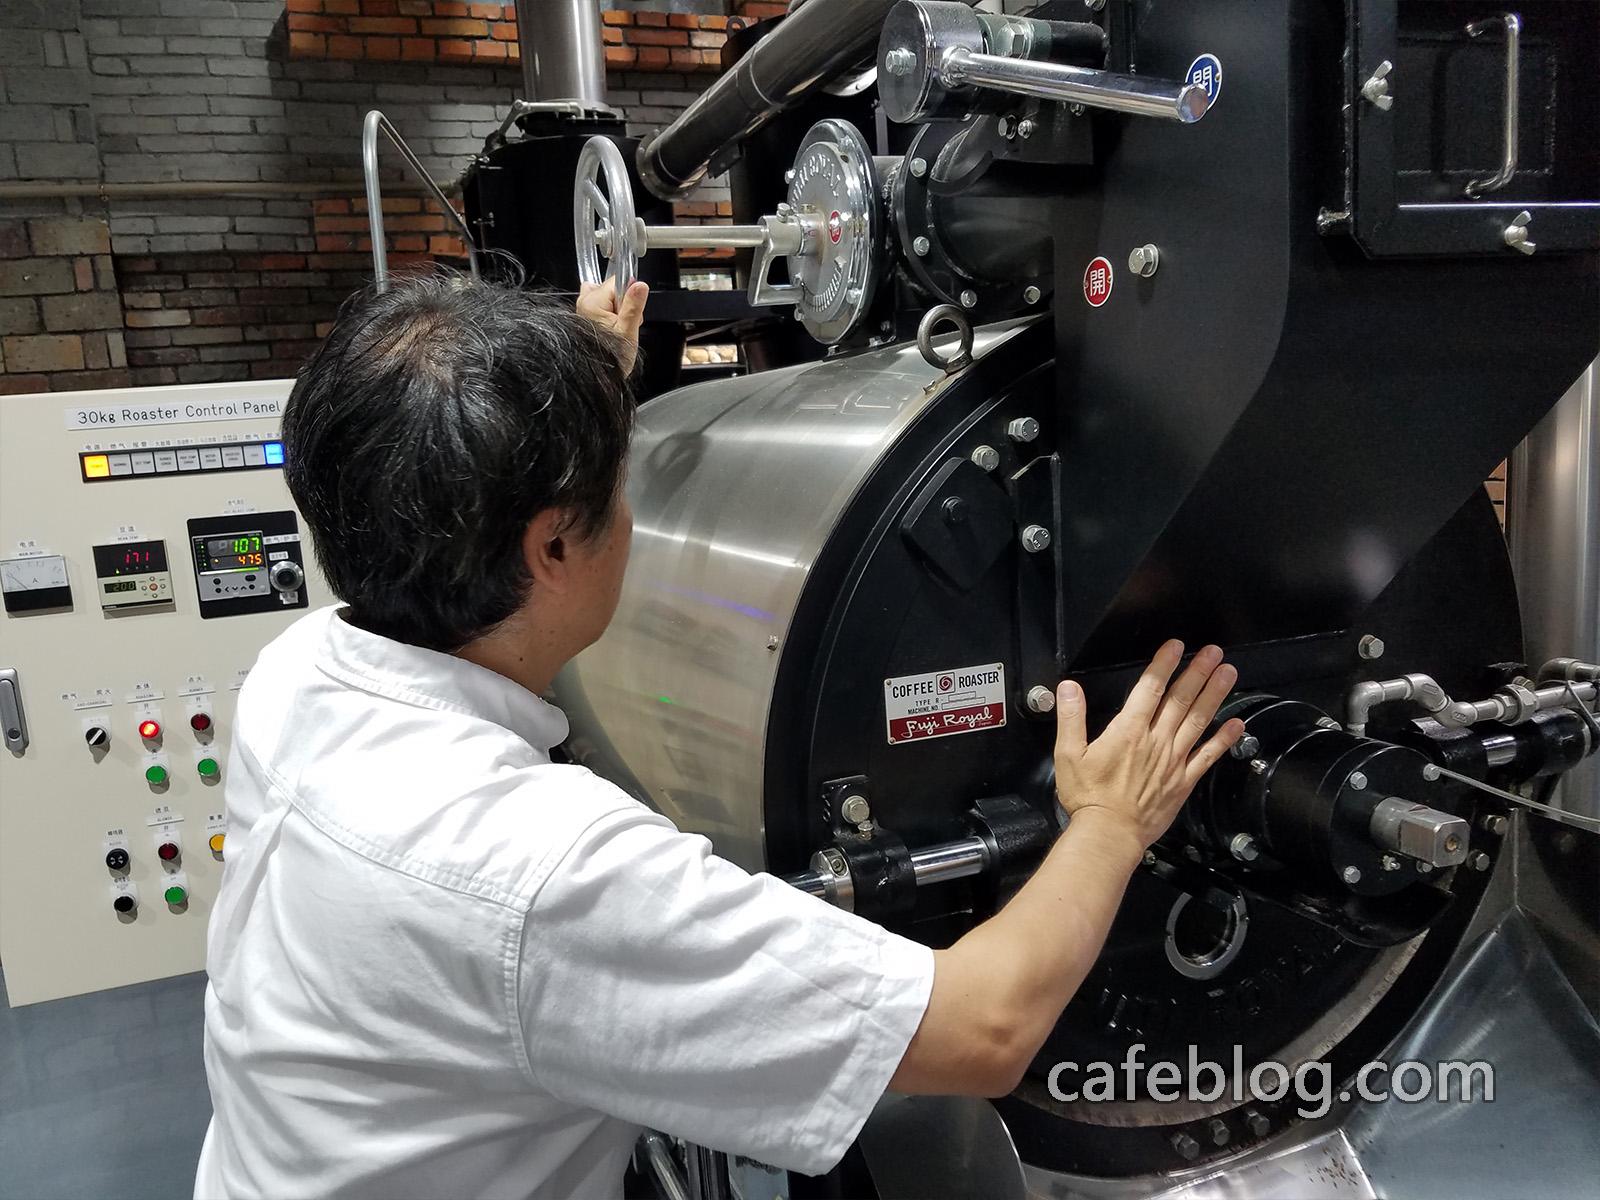 浅野嘉之用燃气方式烘焙30公斤烘焙机